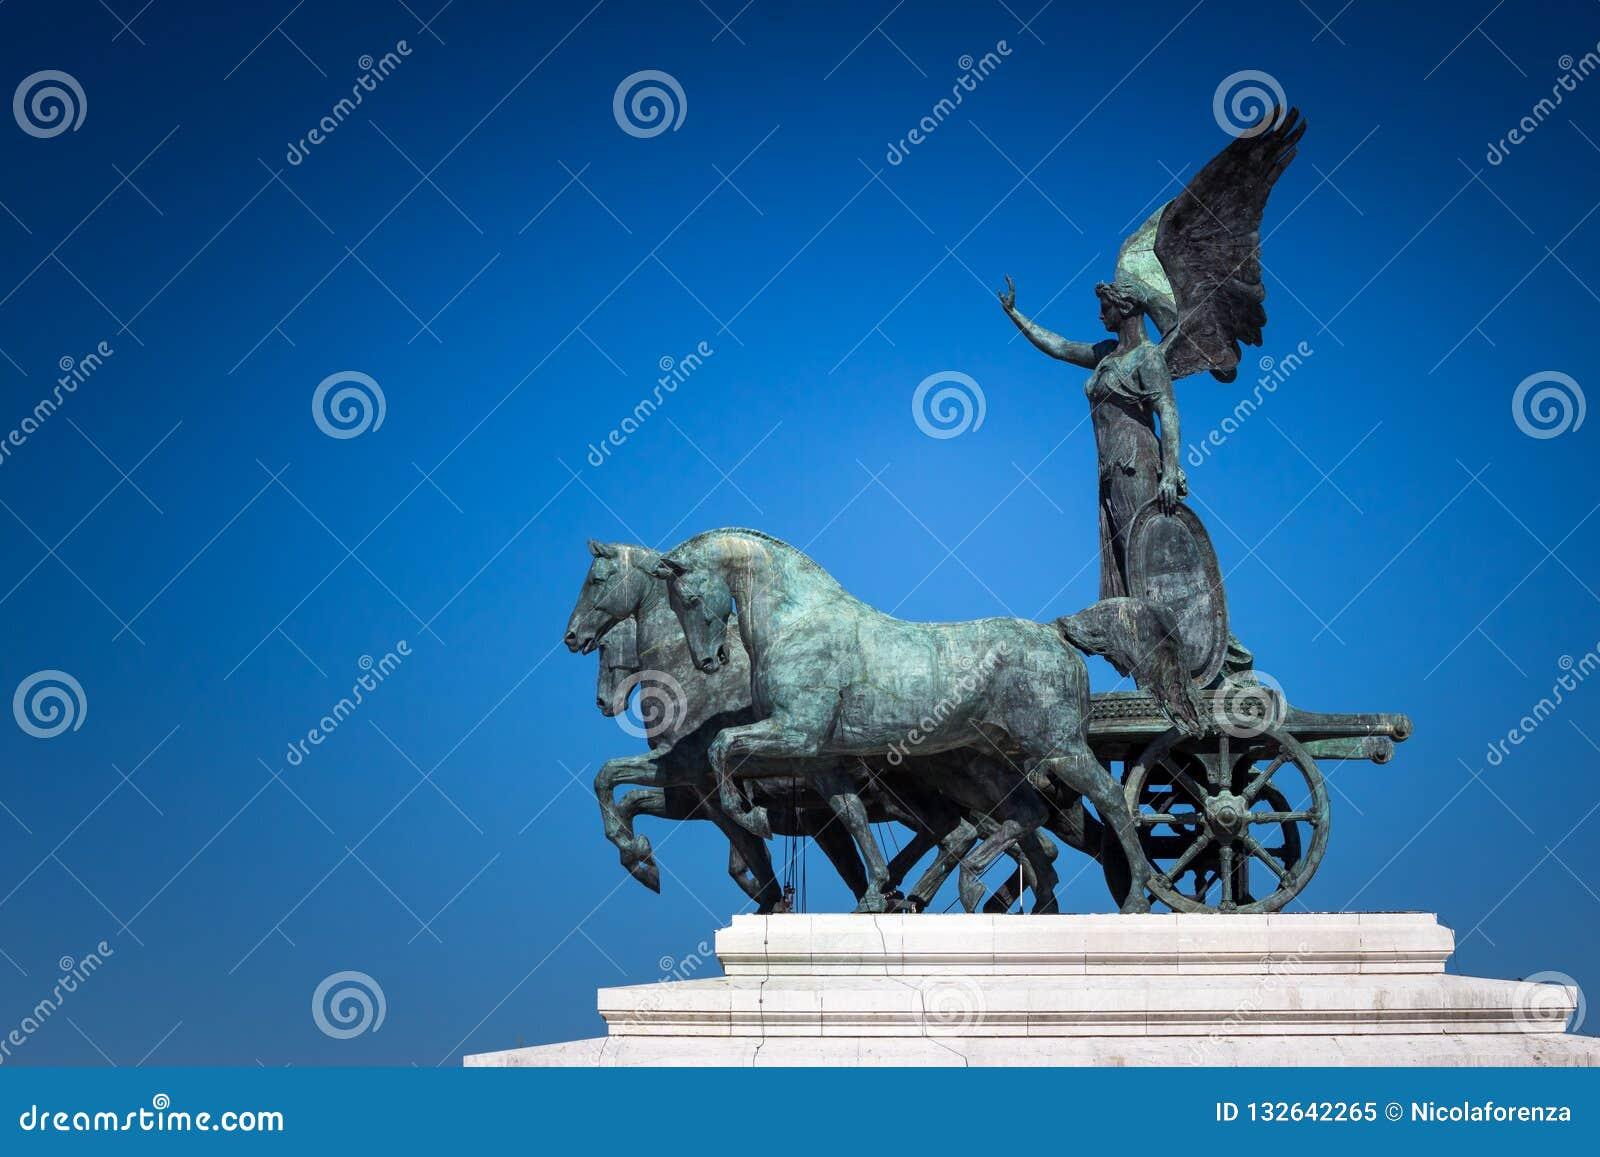 Άγαλμα χαλκού της φτερωτής νίκης στην κορυφή του βασιλιά Vittorio Eman